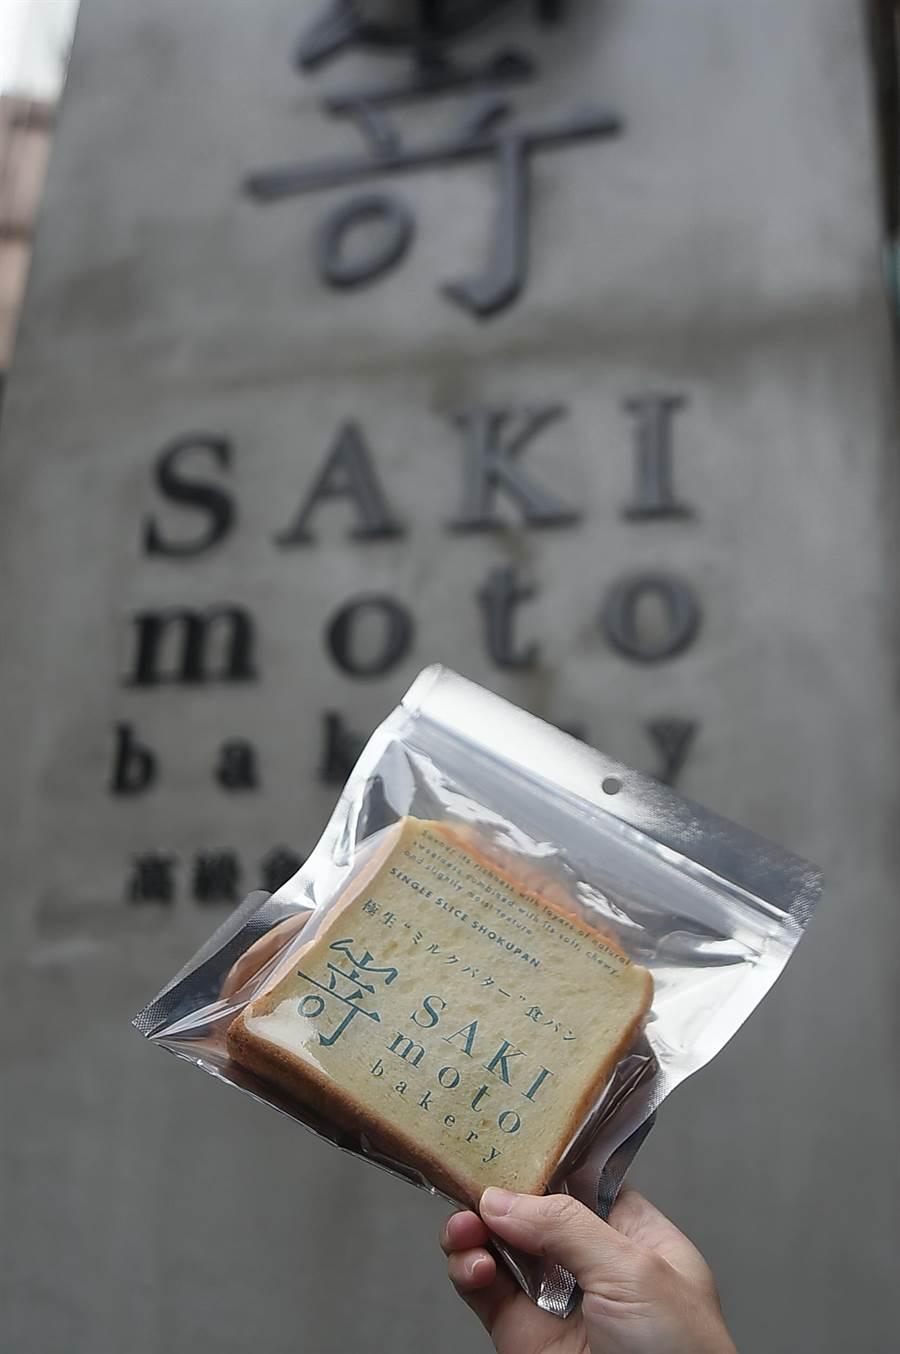 除了紙袋裝的外賣套餐,〈SAKImoto Bakery〉高級生吐司專門店還有一種結合夾鏈袋式的鋁箔包,輕巧方便並可當伴手禮送給朋友。(圖/姚舜)